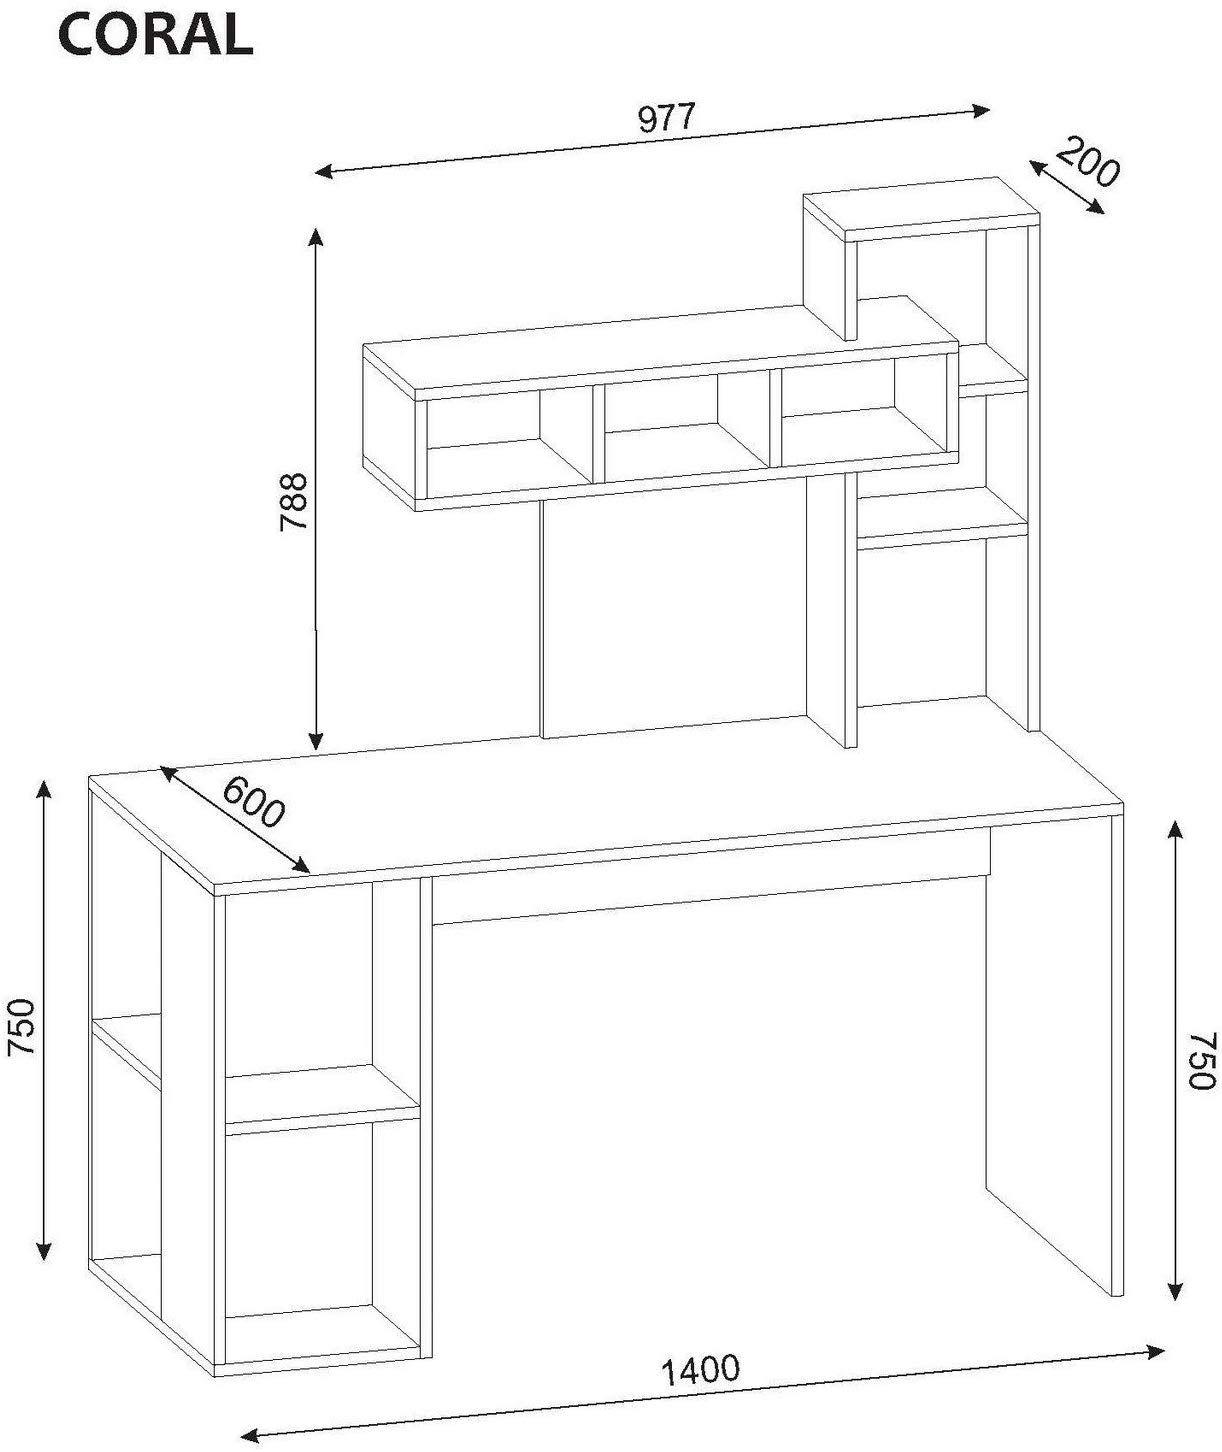 pin de suzanne cote en mini maison en 2020 | muebles para